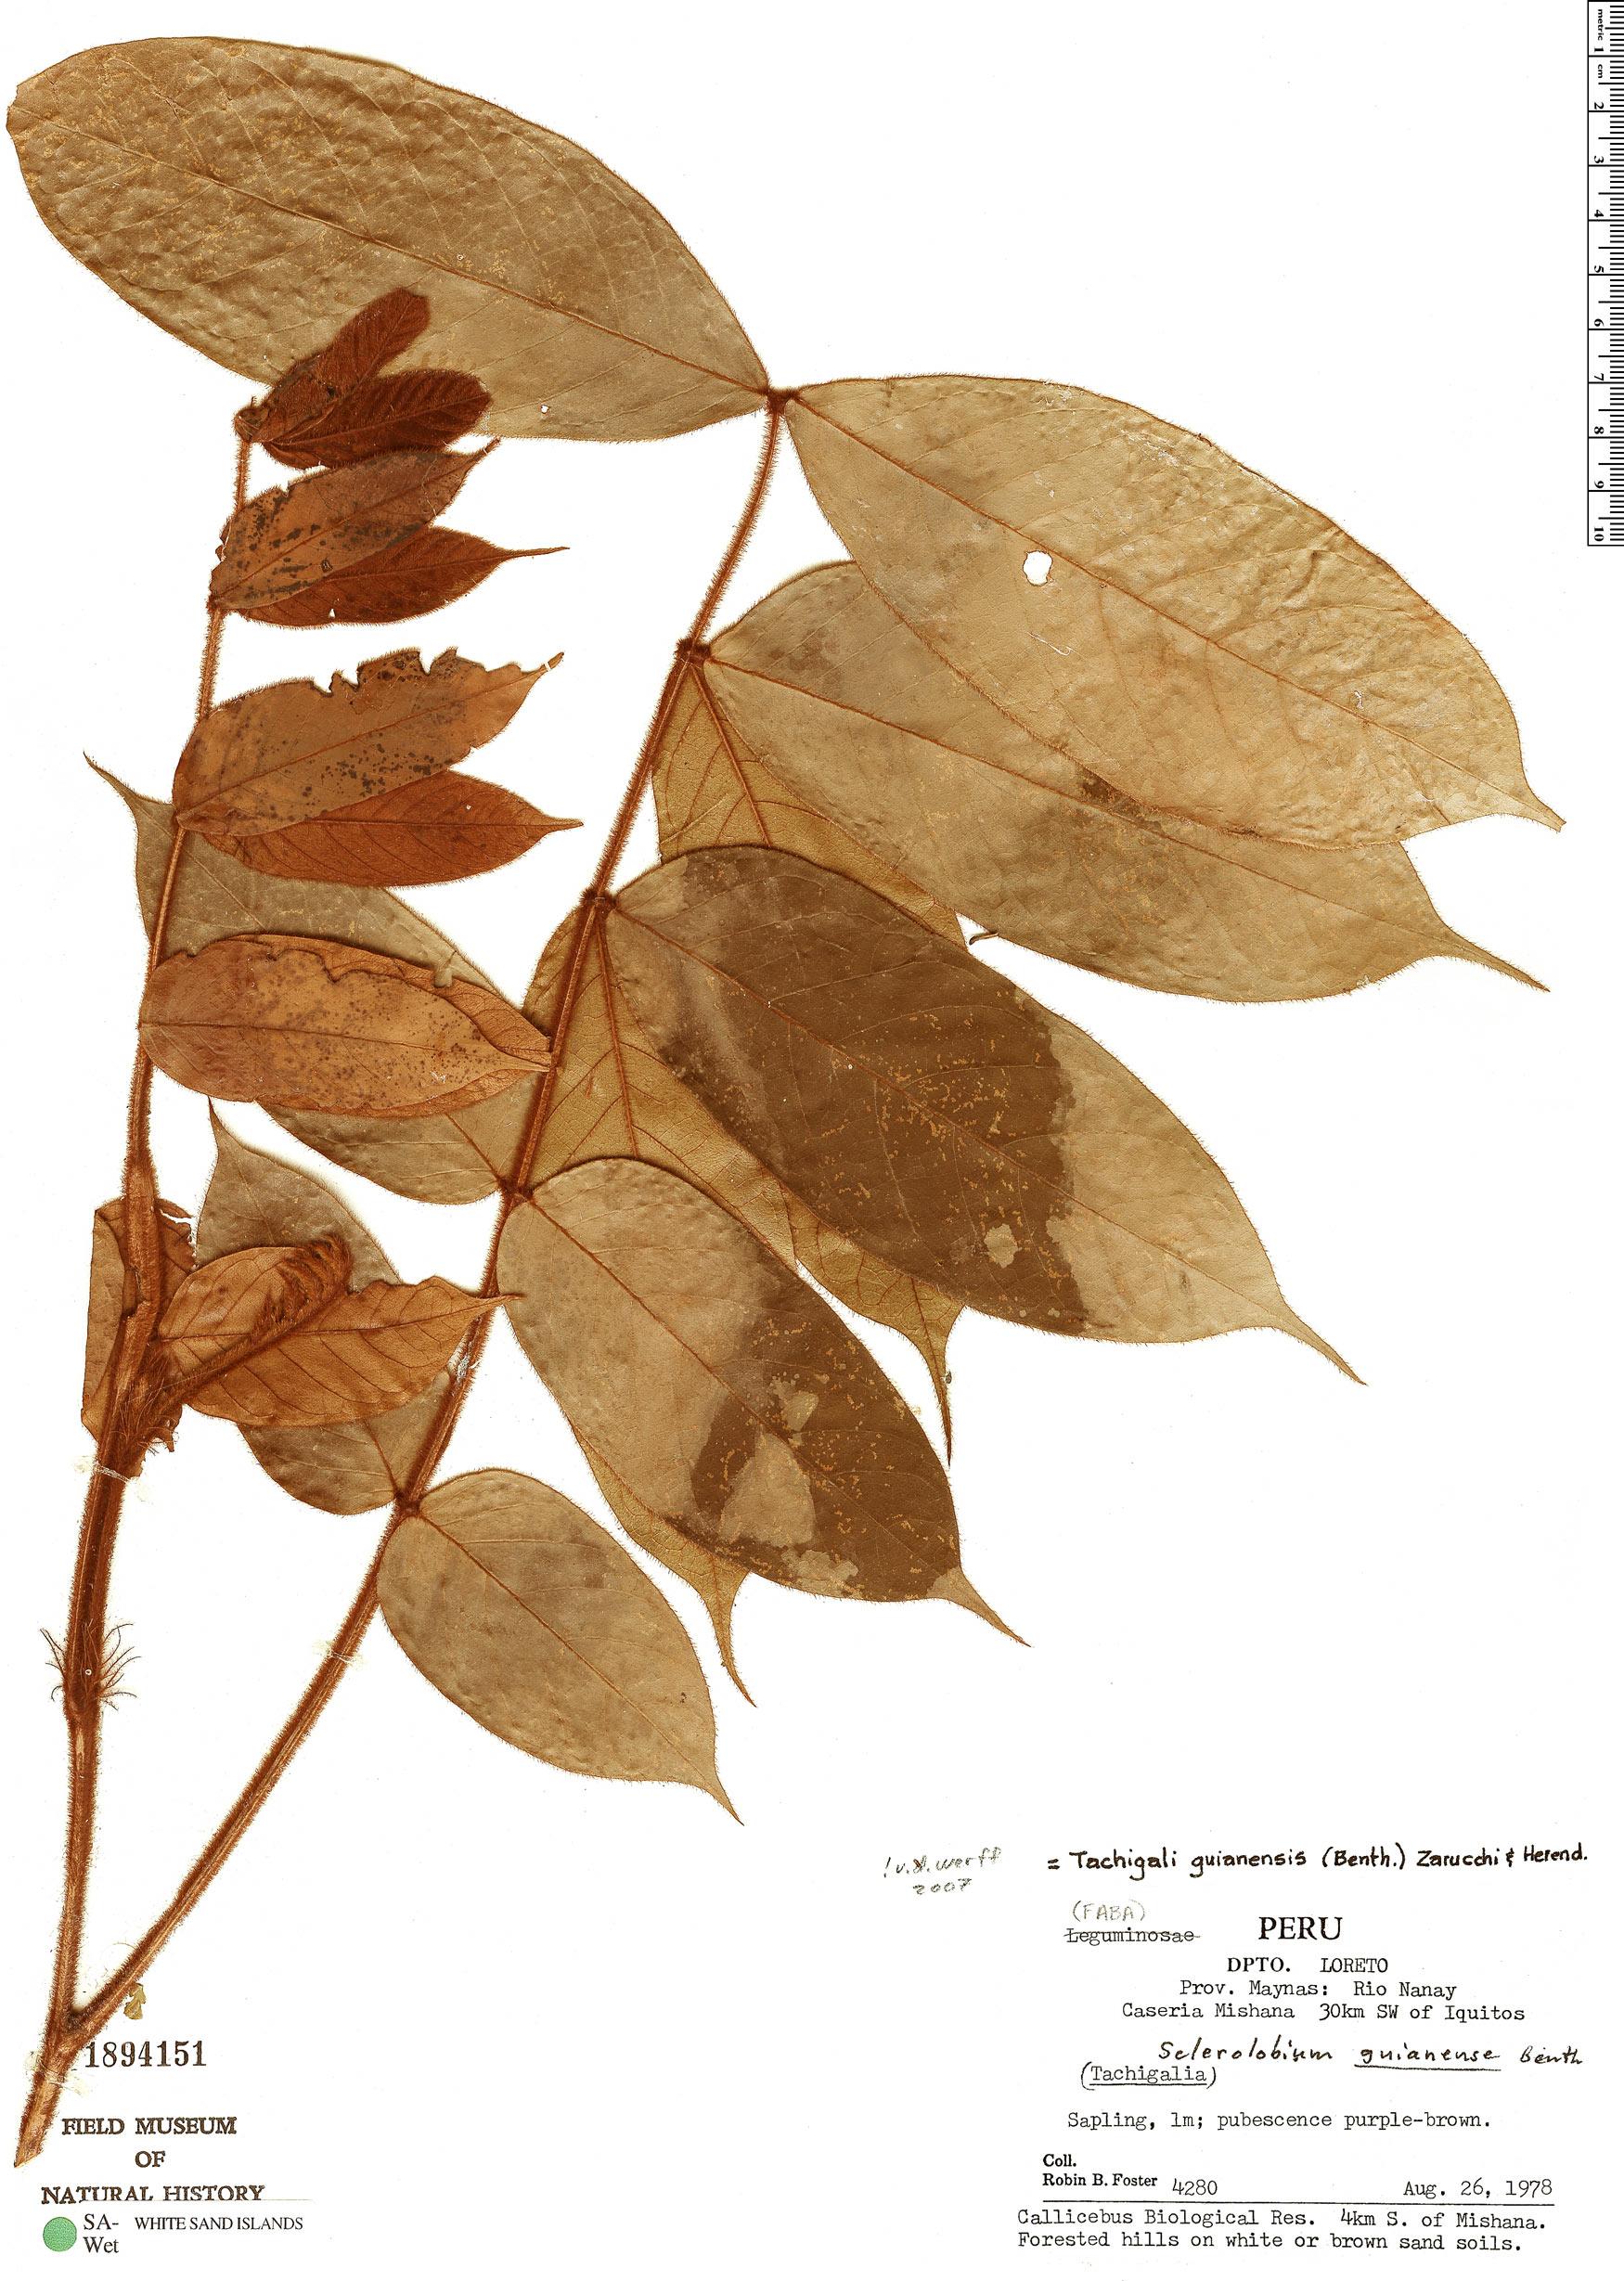 Specimen: Tachigali guianensis